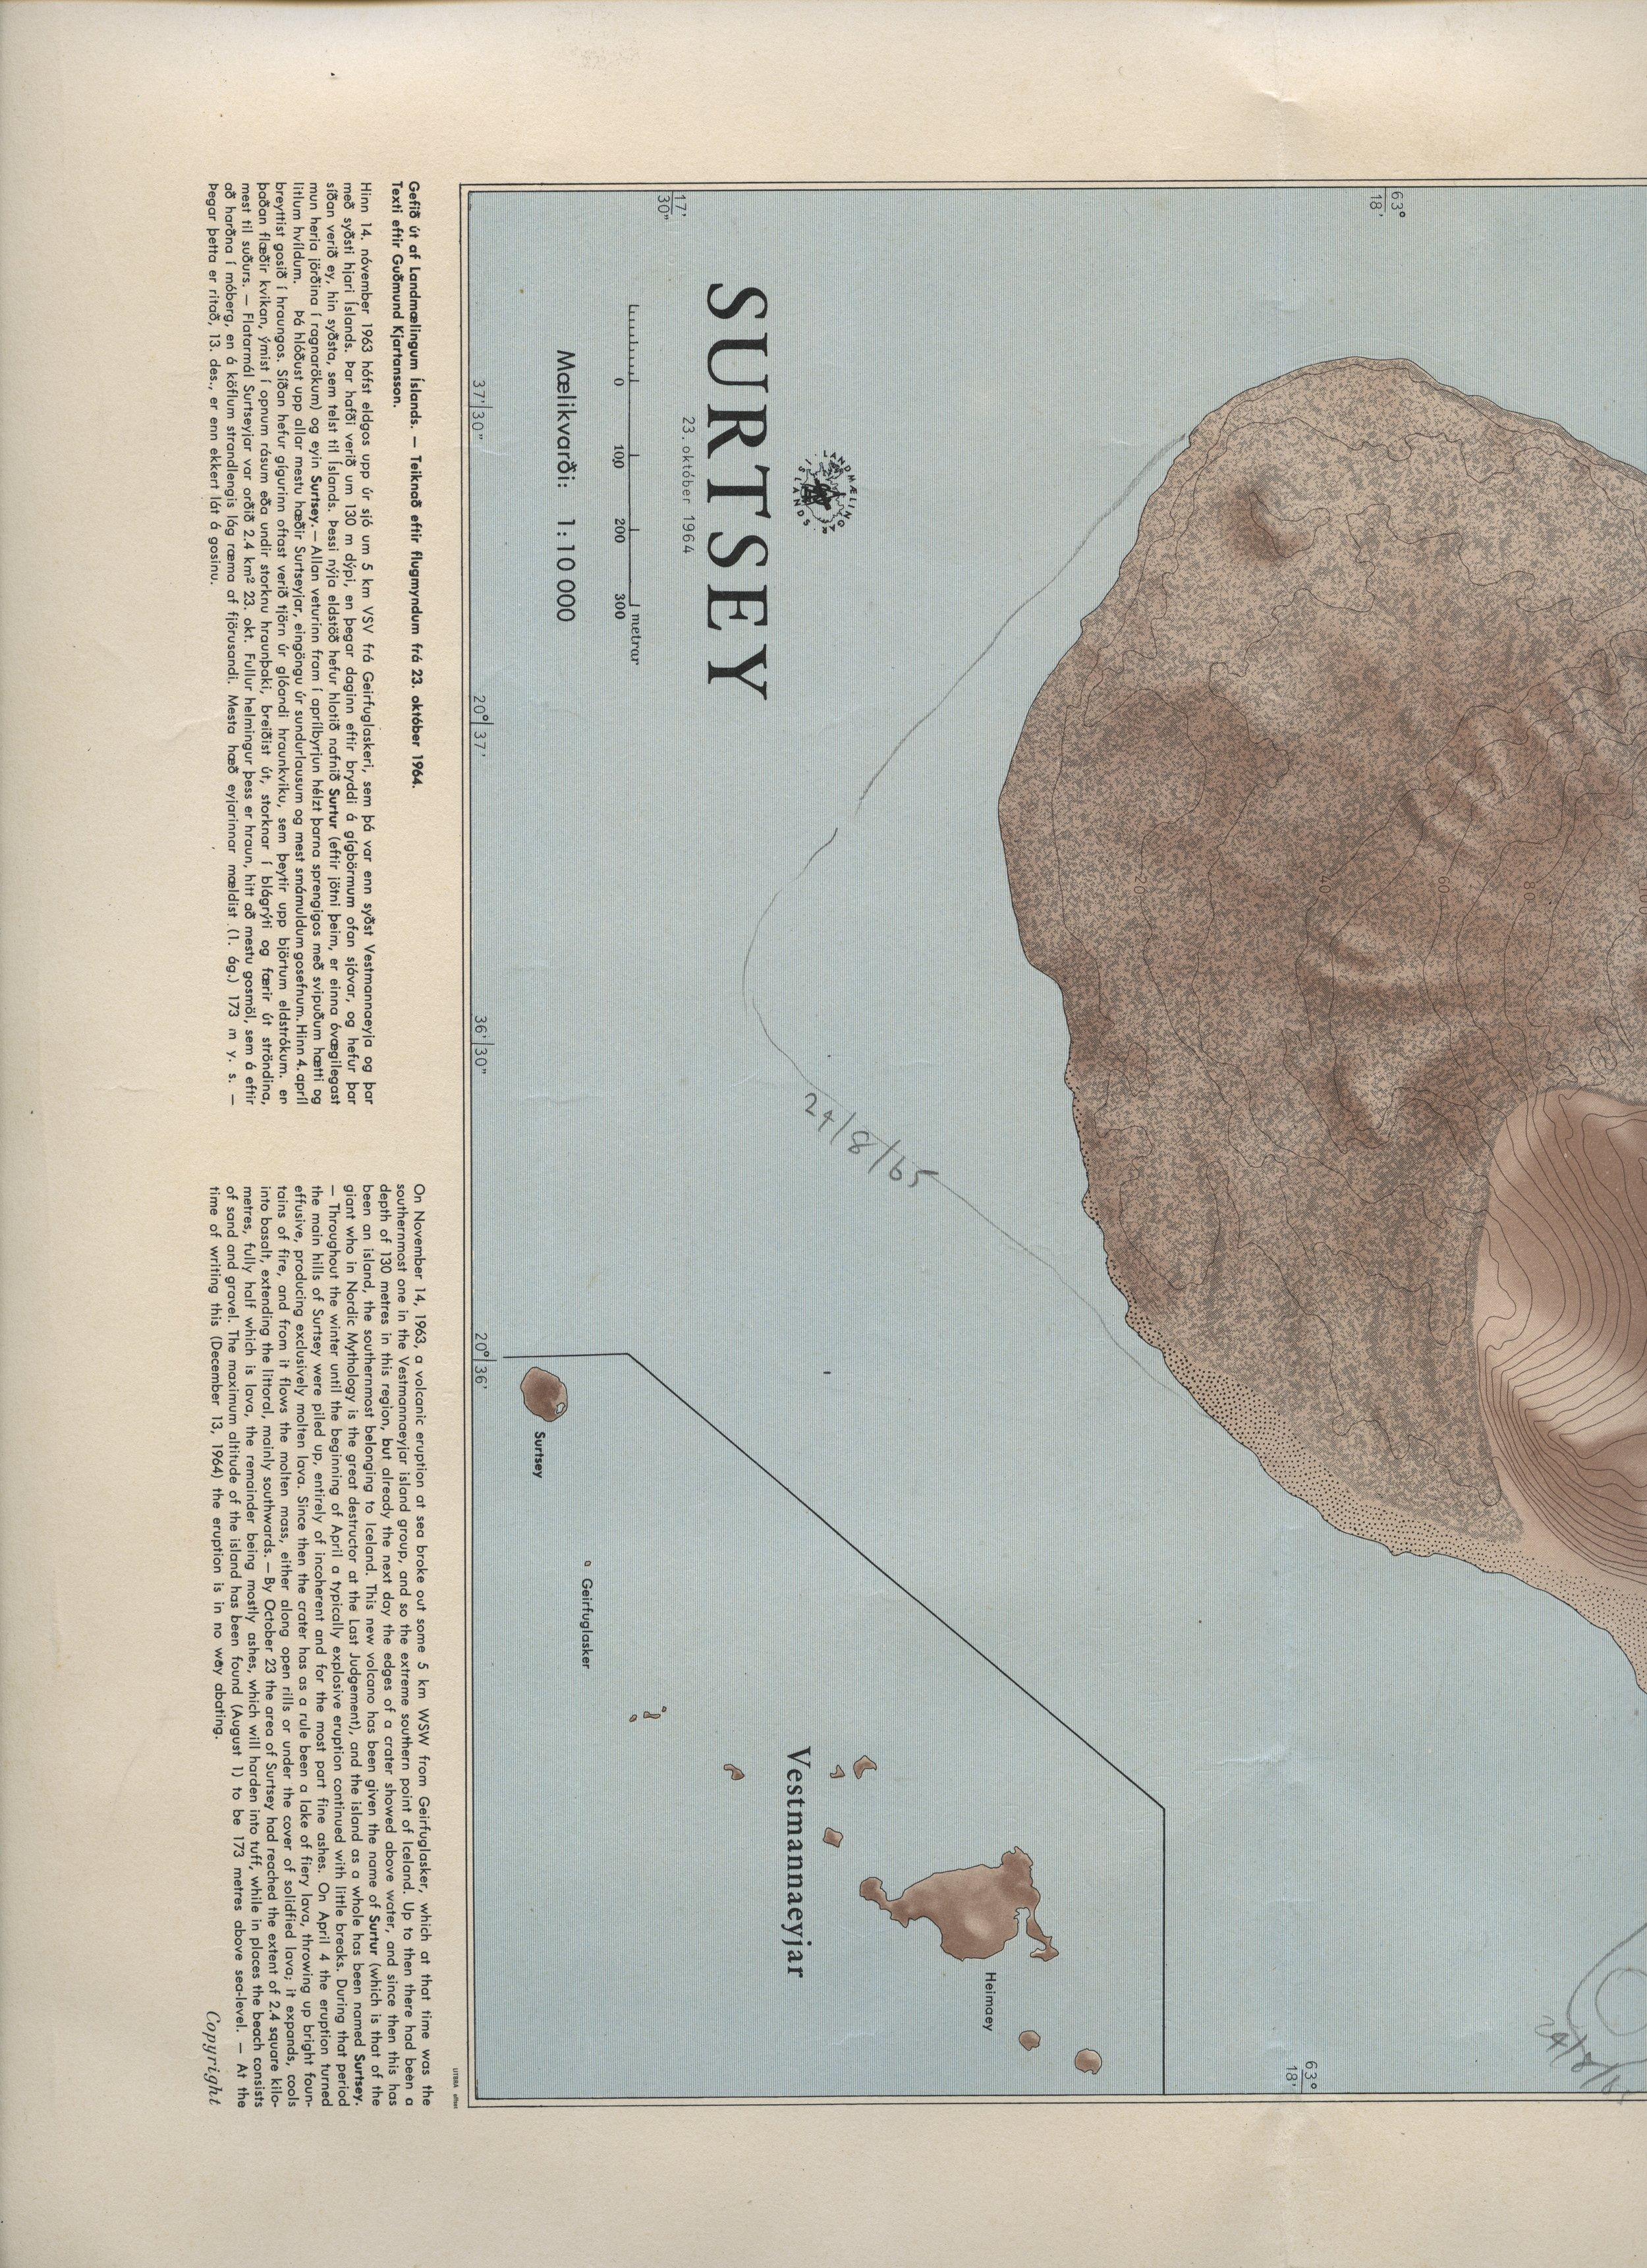 surtsey map 1.jpeg